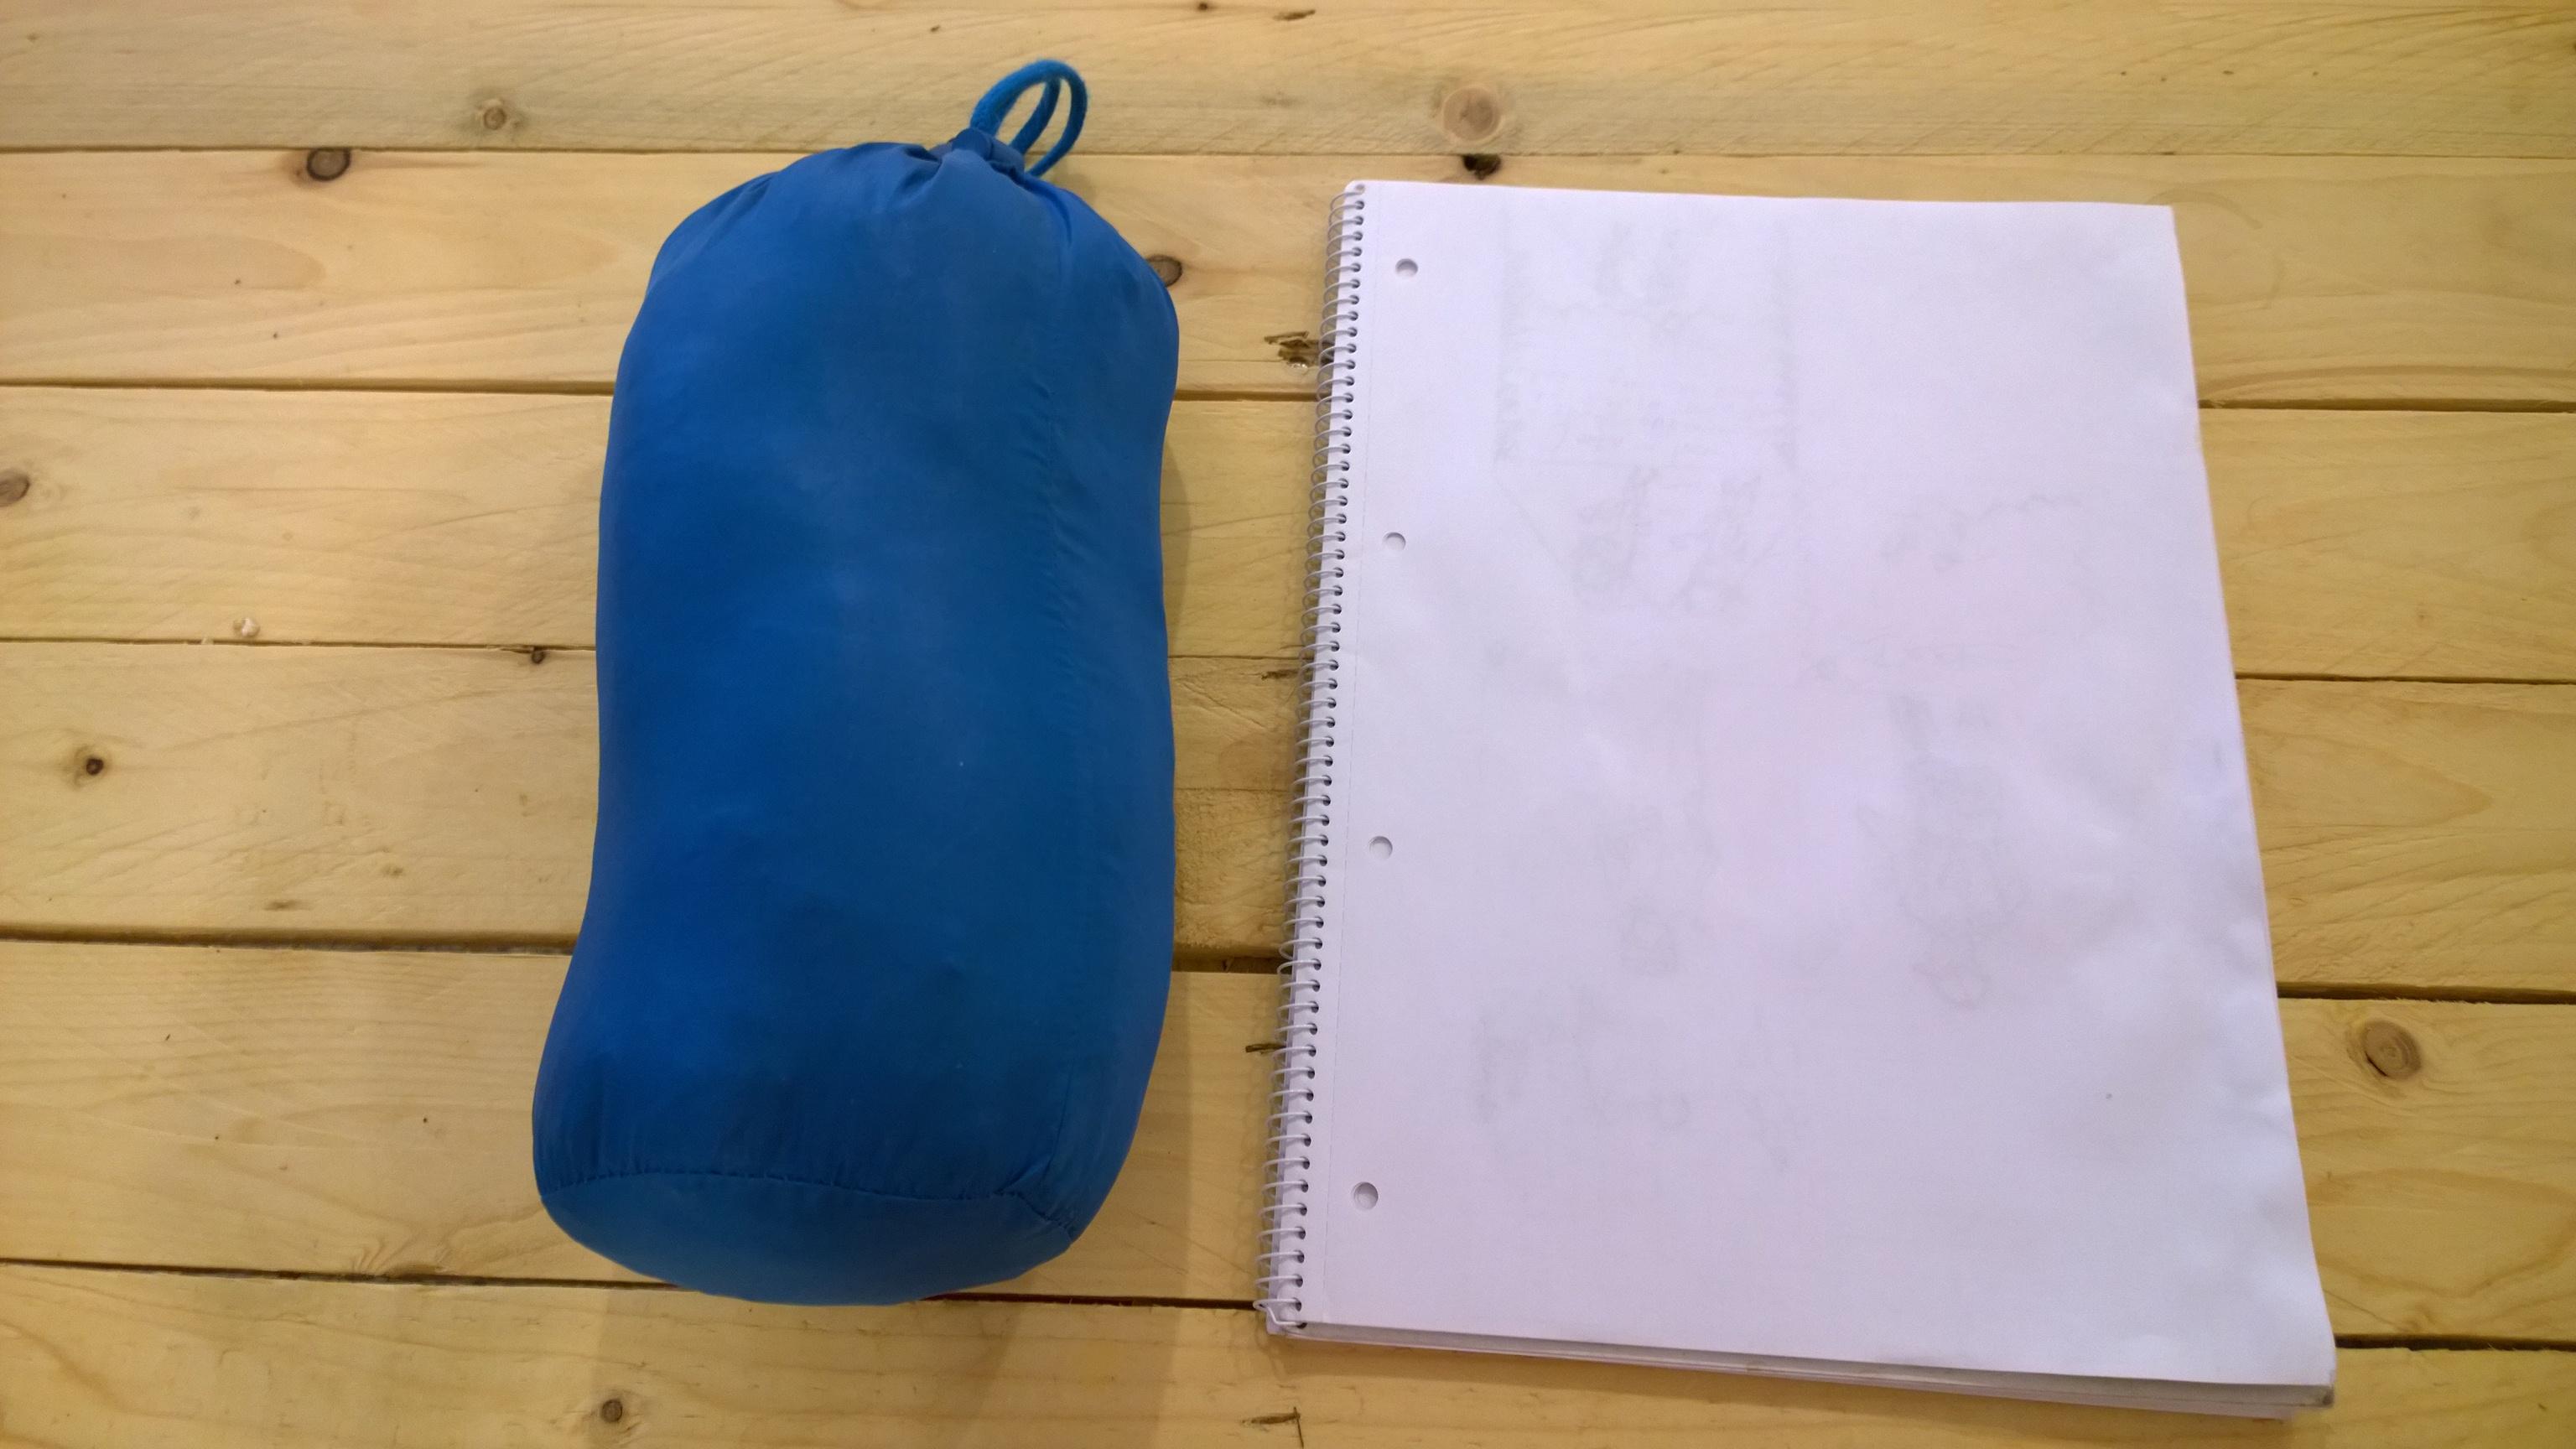 Karrimor páperová bunda zbalená vo vrecku, na porovnanie veľkosti vedľa A4 zápisníku